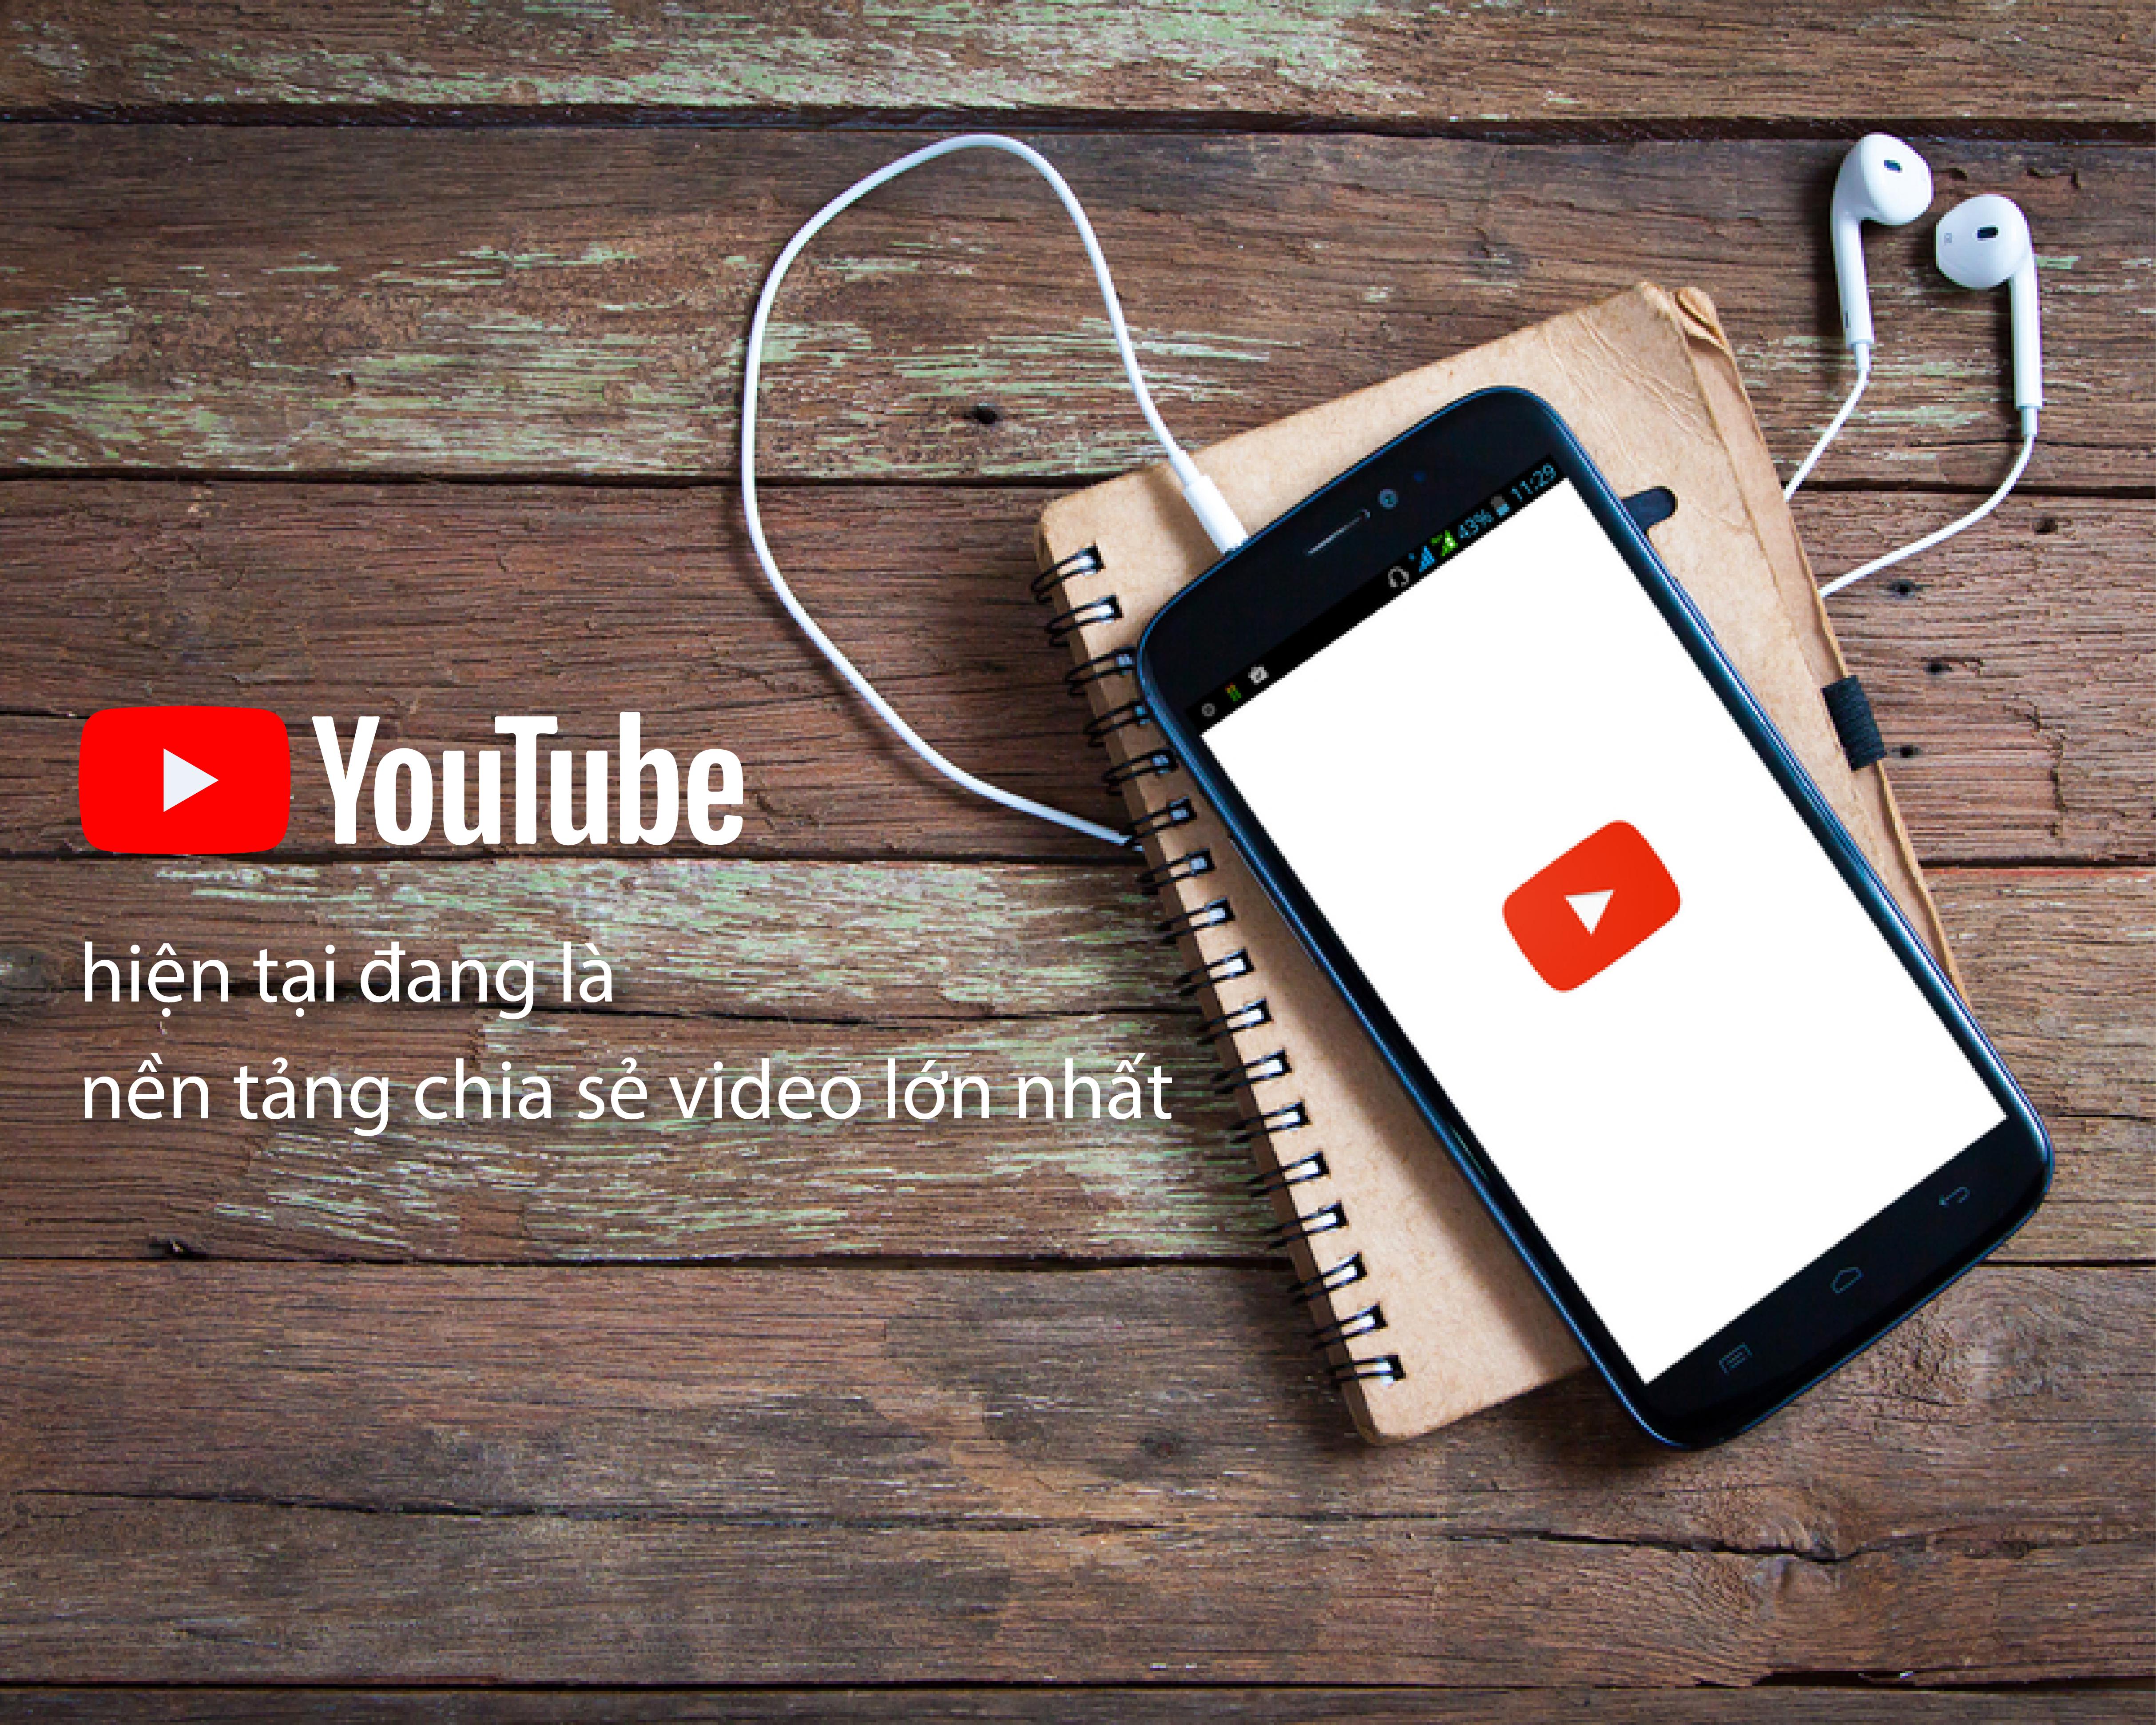 social media planning youtube